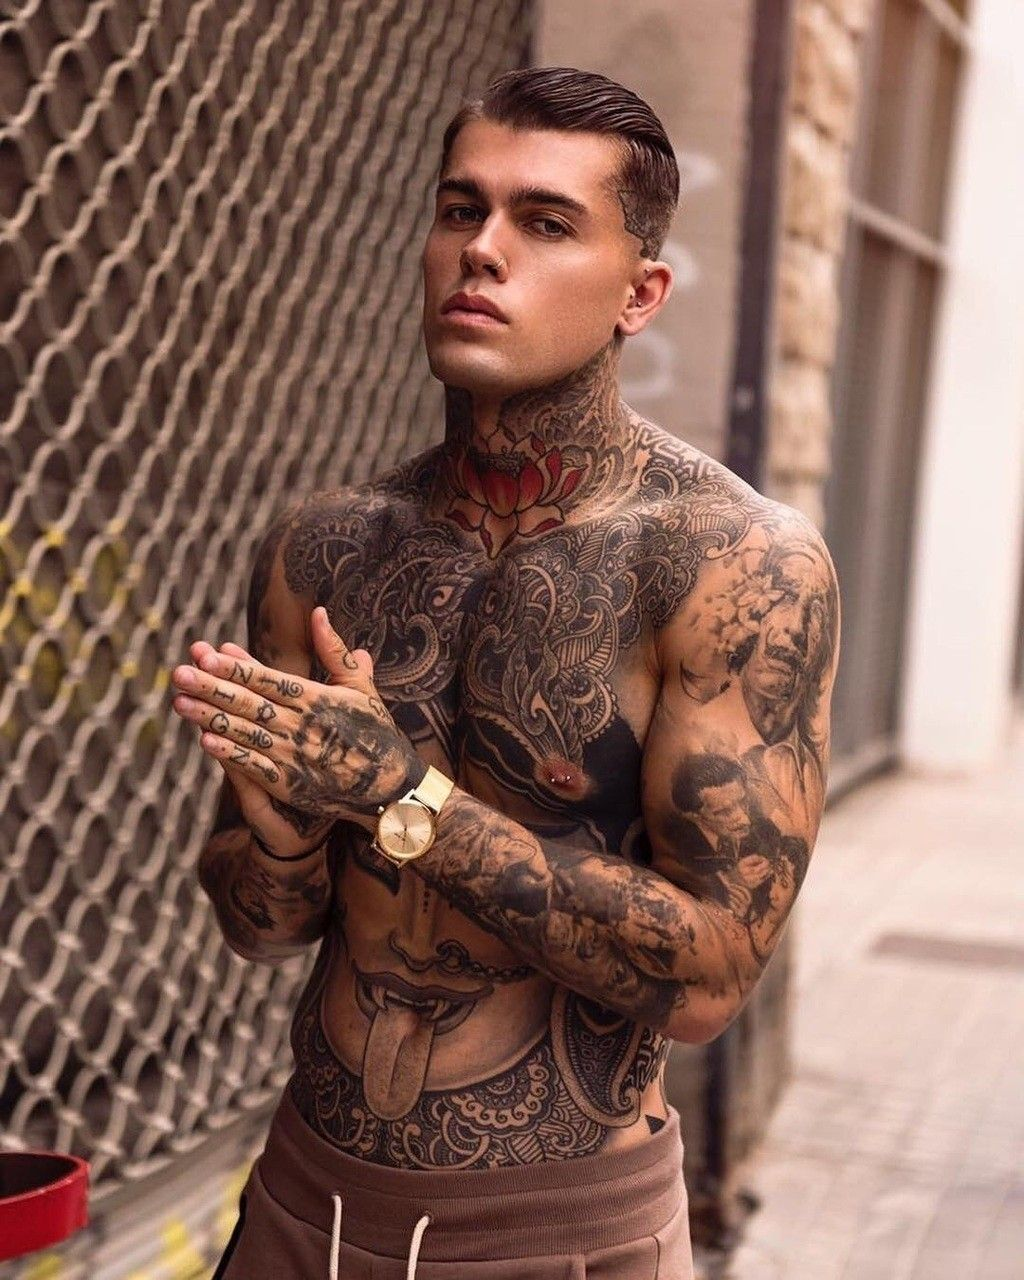 youttle dark Inspo Tattoos Storyboard in 2019